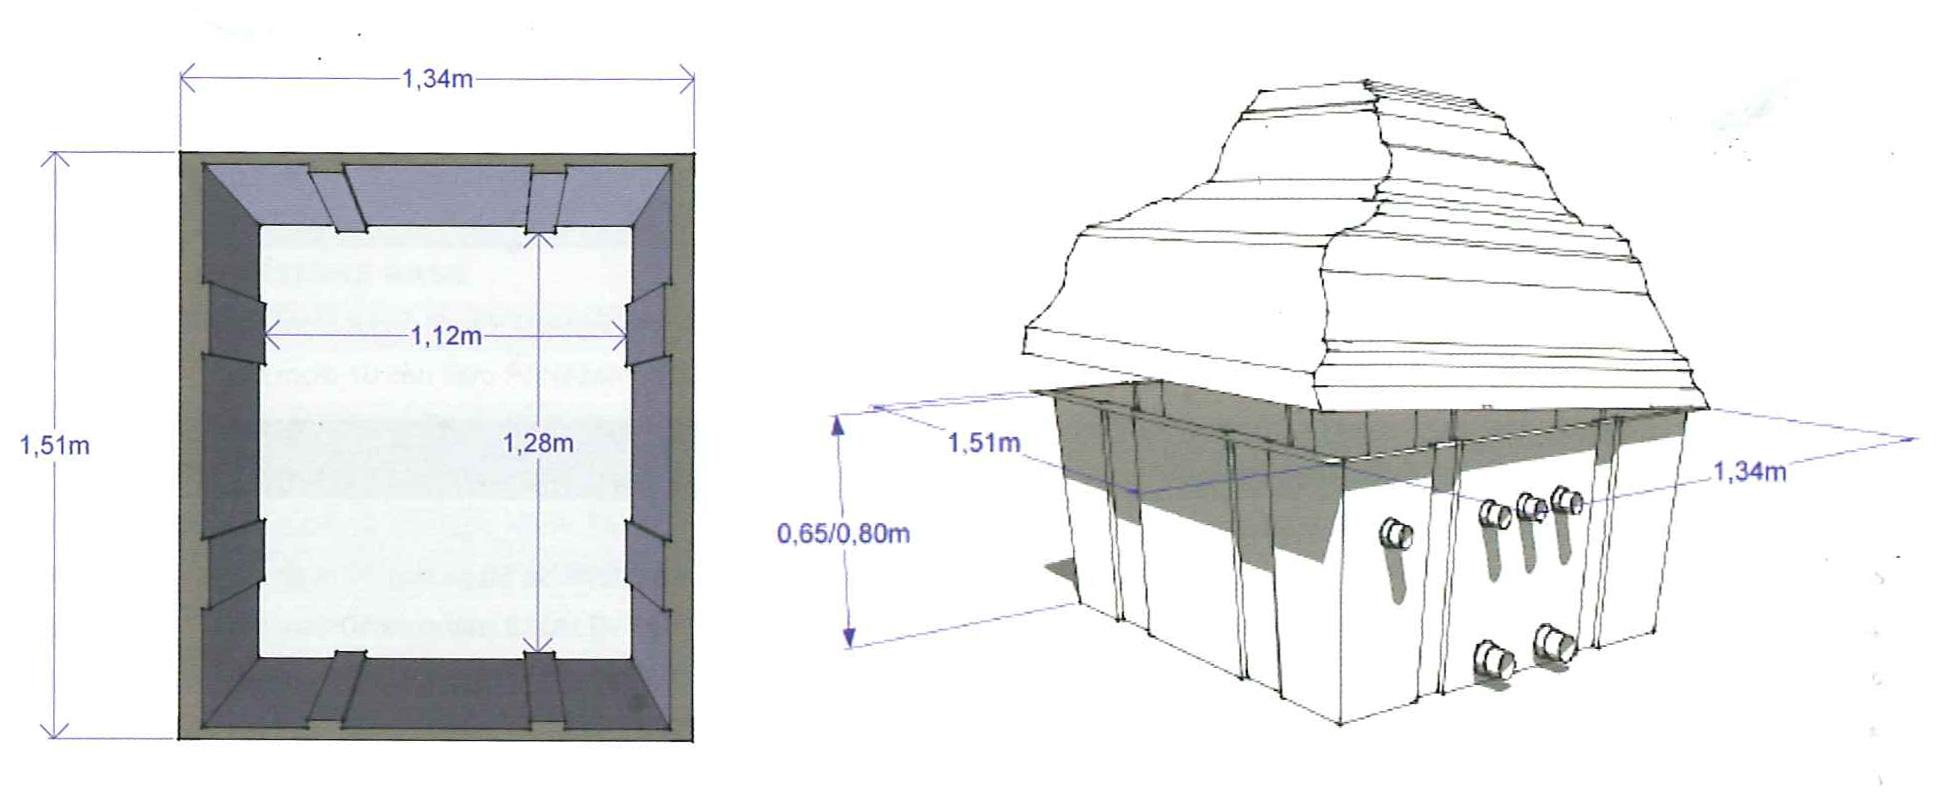 DImensioni locale tecnico piscina roc